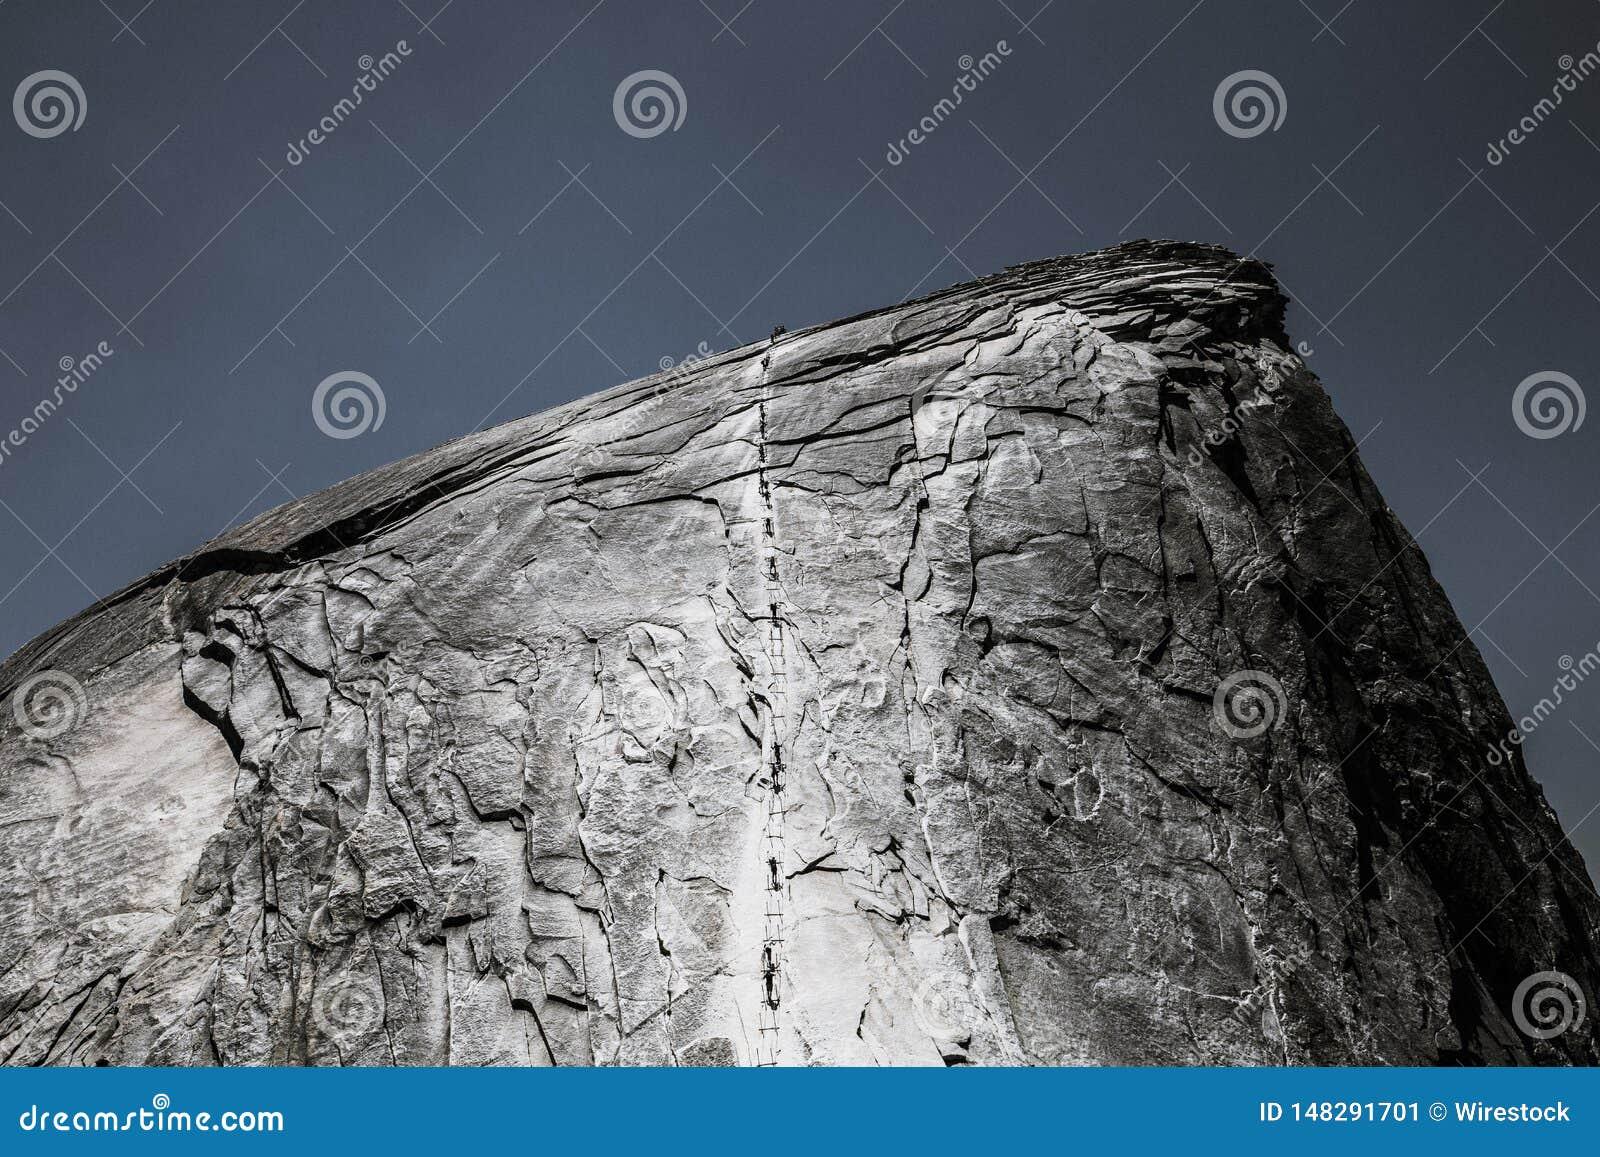 Schöner Schuss des Felsens mit kühler Beschaffenheit